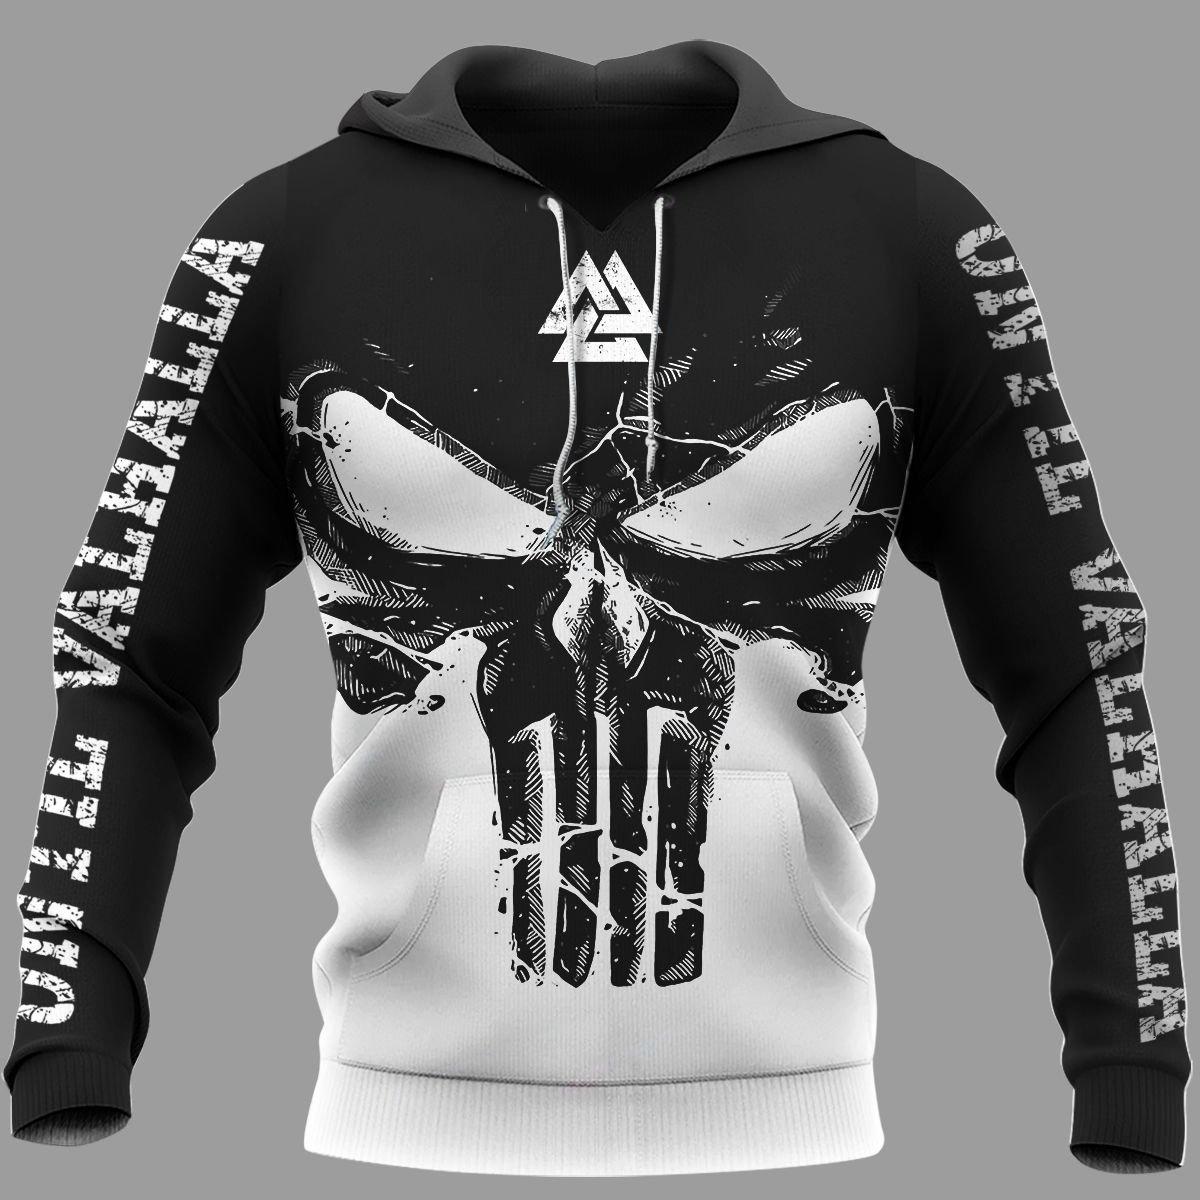 Viking Until Valhalla Valknut Half black and white Hoodie 3D